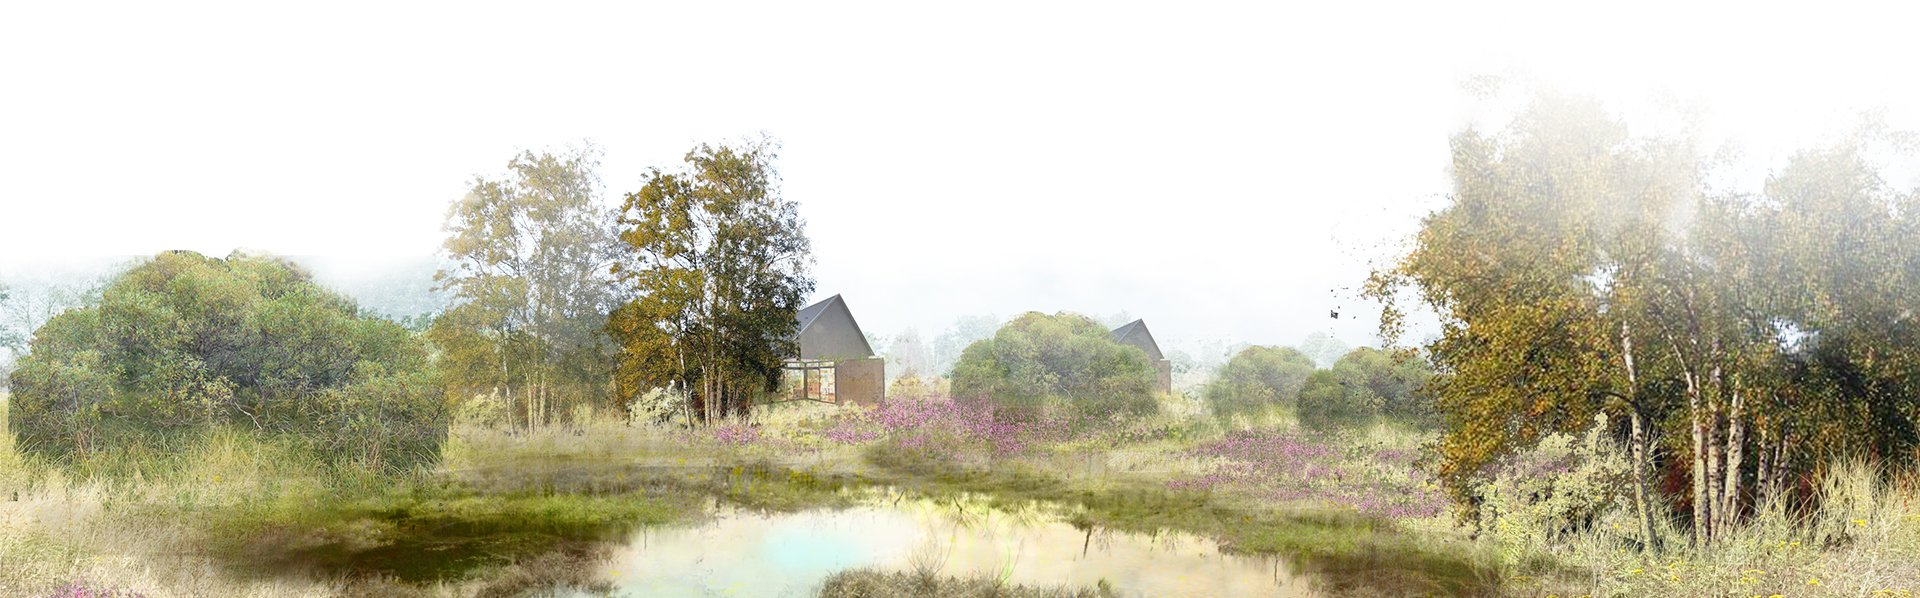 Wizualizacja wsi Całowanie, a w tle mikrodomki